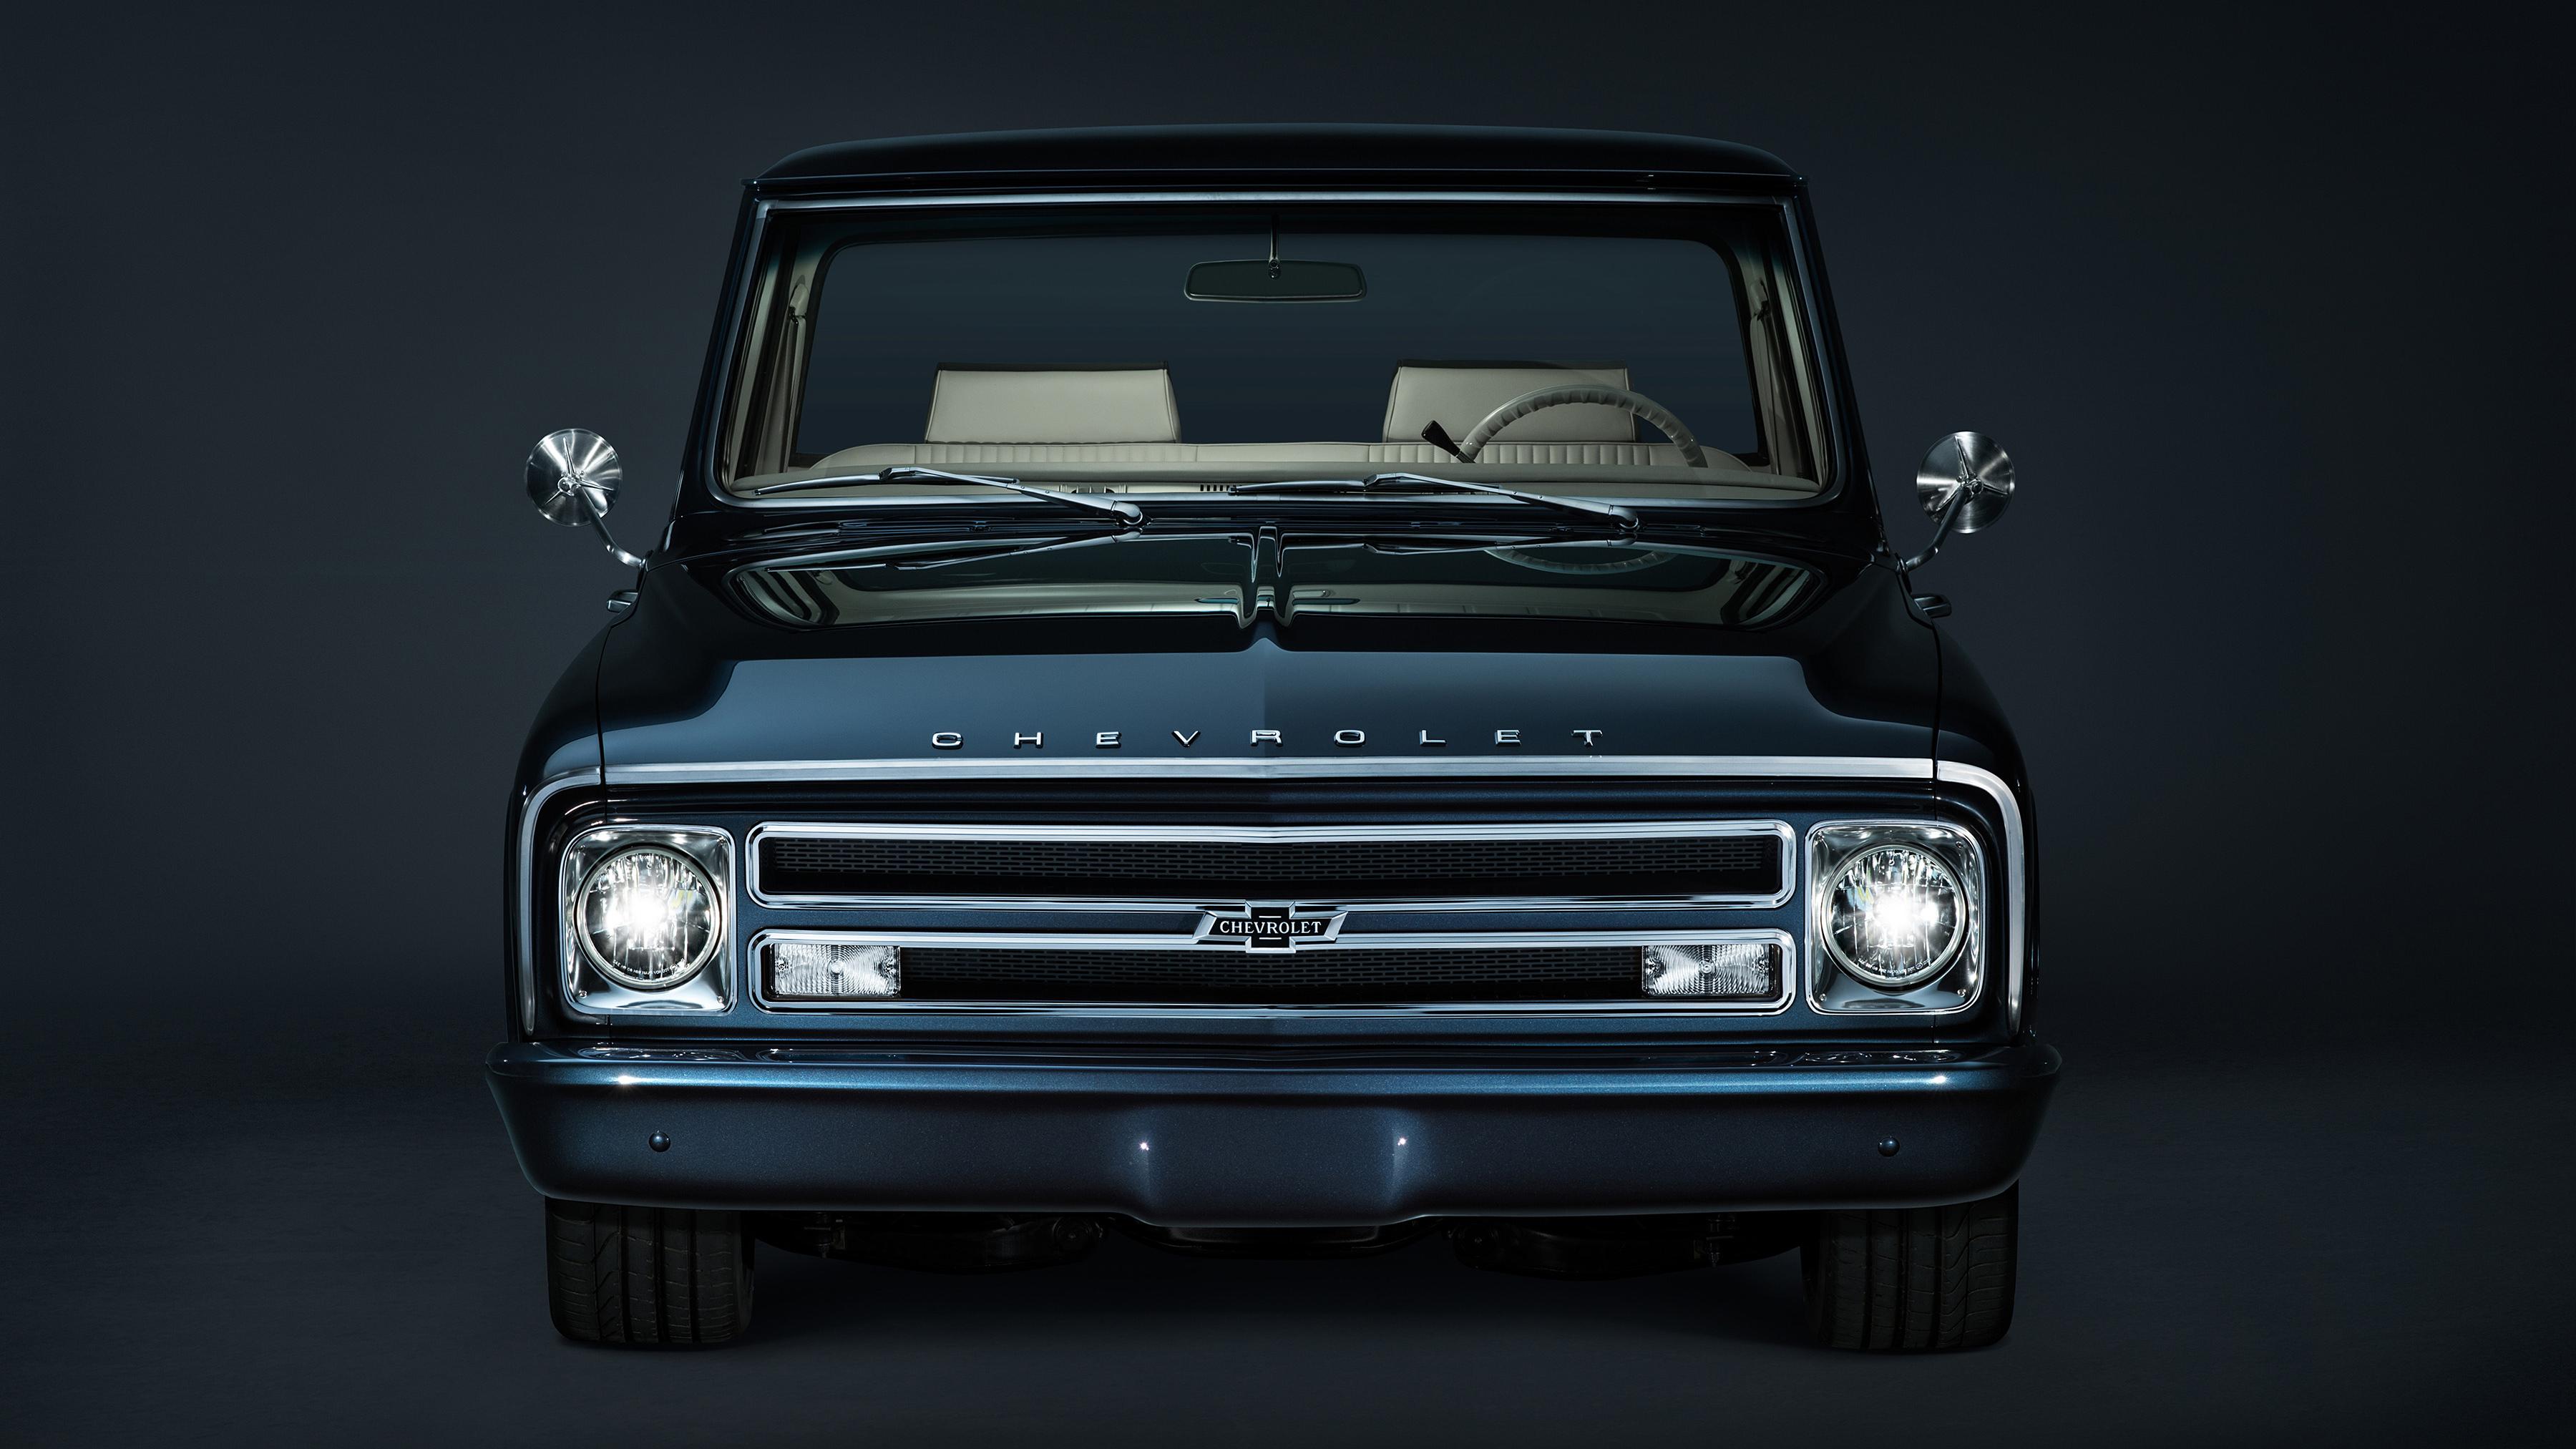 1967 Chevrolet C10 Centennial SEMA Truck Wallpaper | HD ...